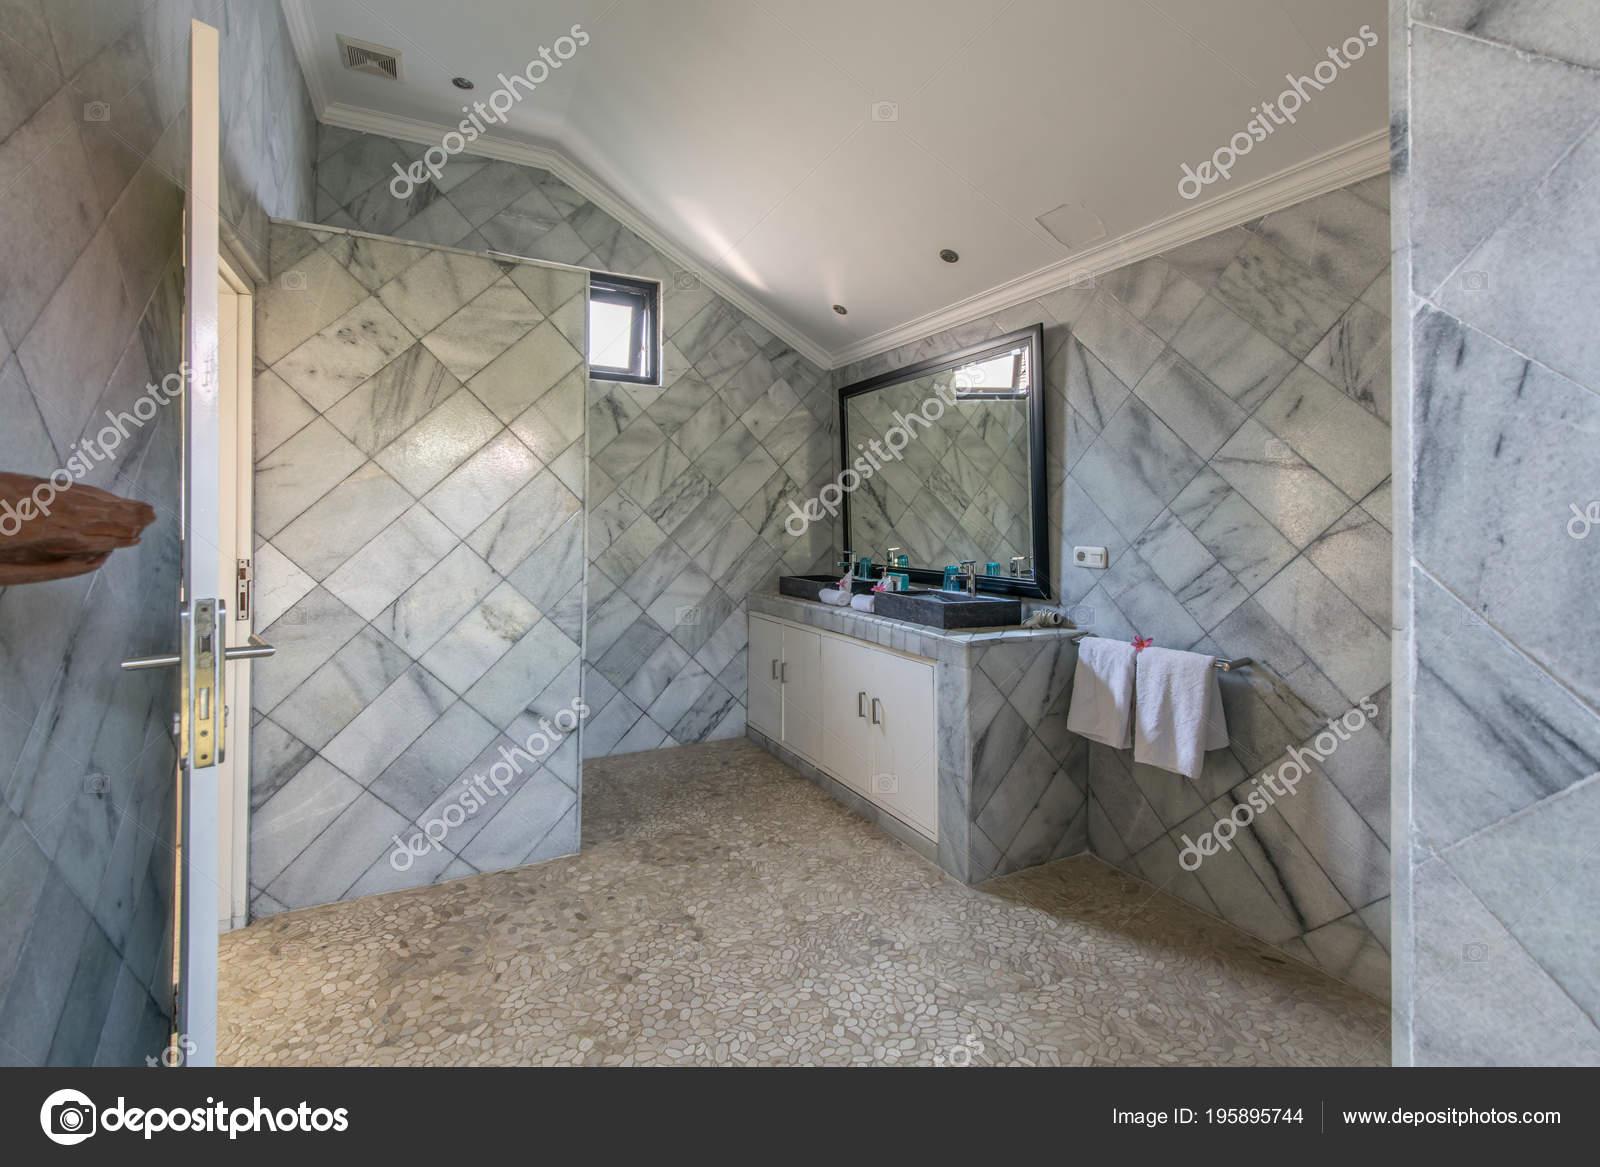 Bagno moderno tonalità grigio stanza bagno contemporanea con stile